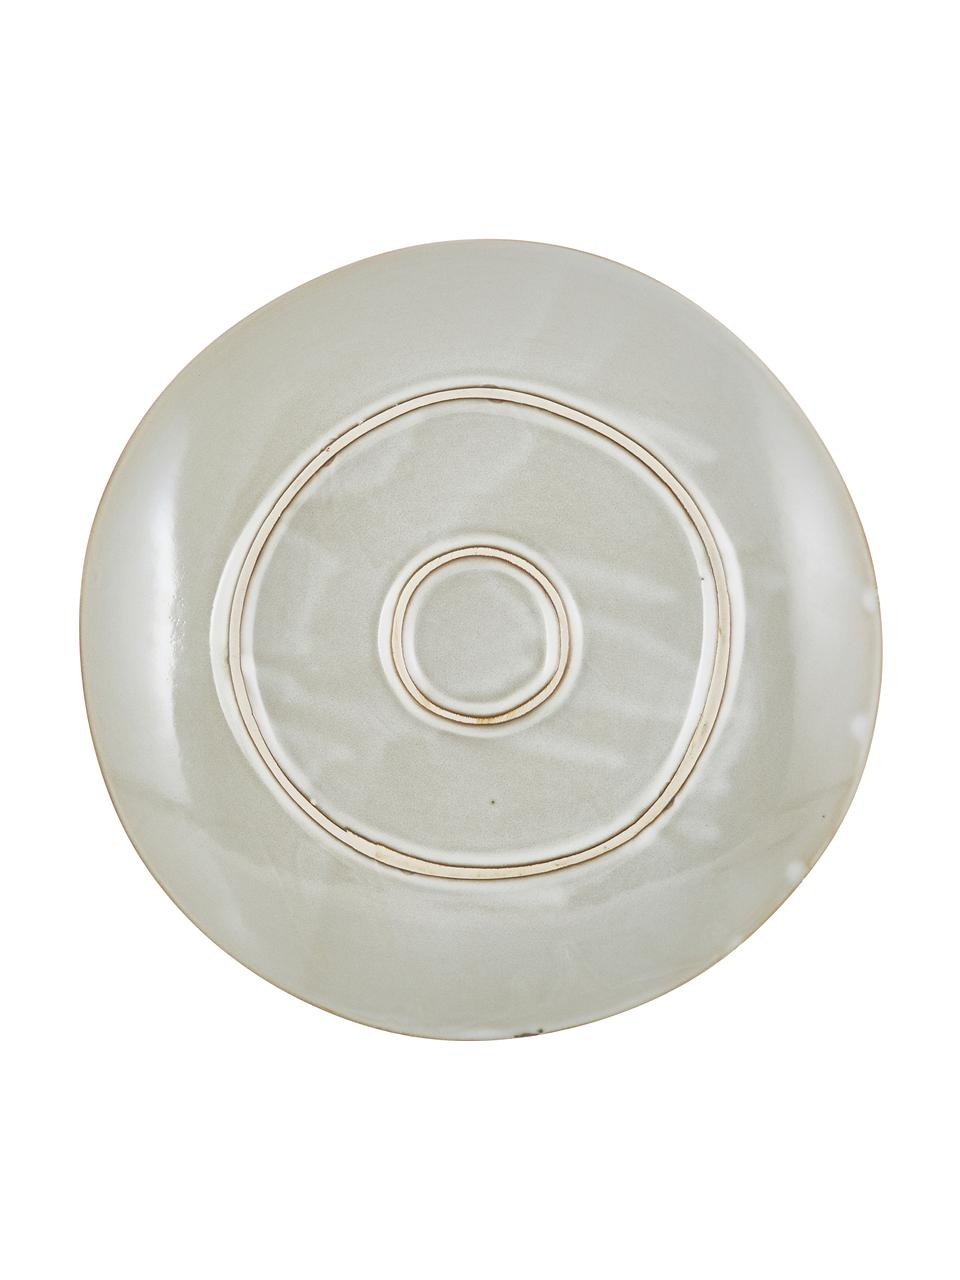 Piatto piano fatto a mano Thalia 2 pz, Terracotta, Beige, Ø 27 cm